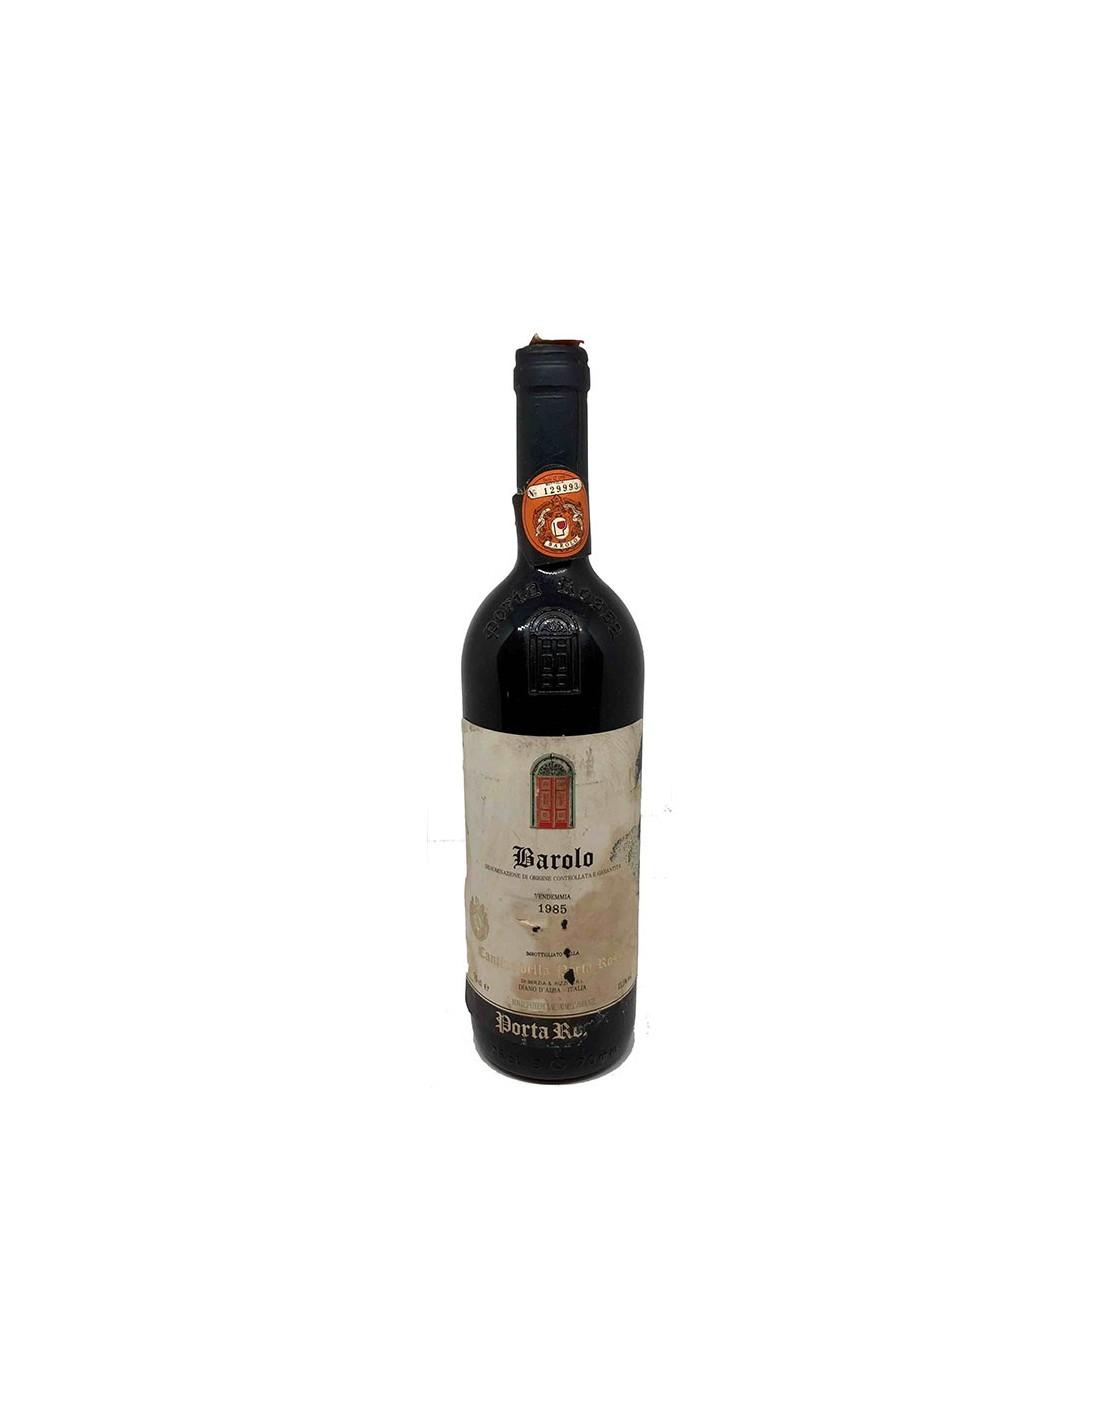 BAROLO 1985 CANTINA DELLA PORTA ROSSA Grandi Bottiglie